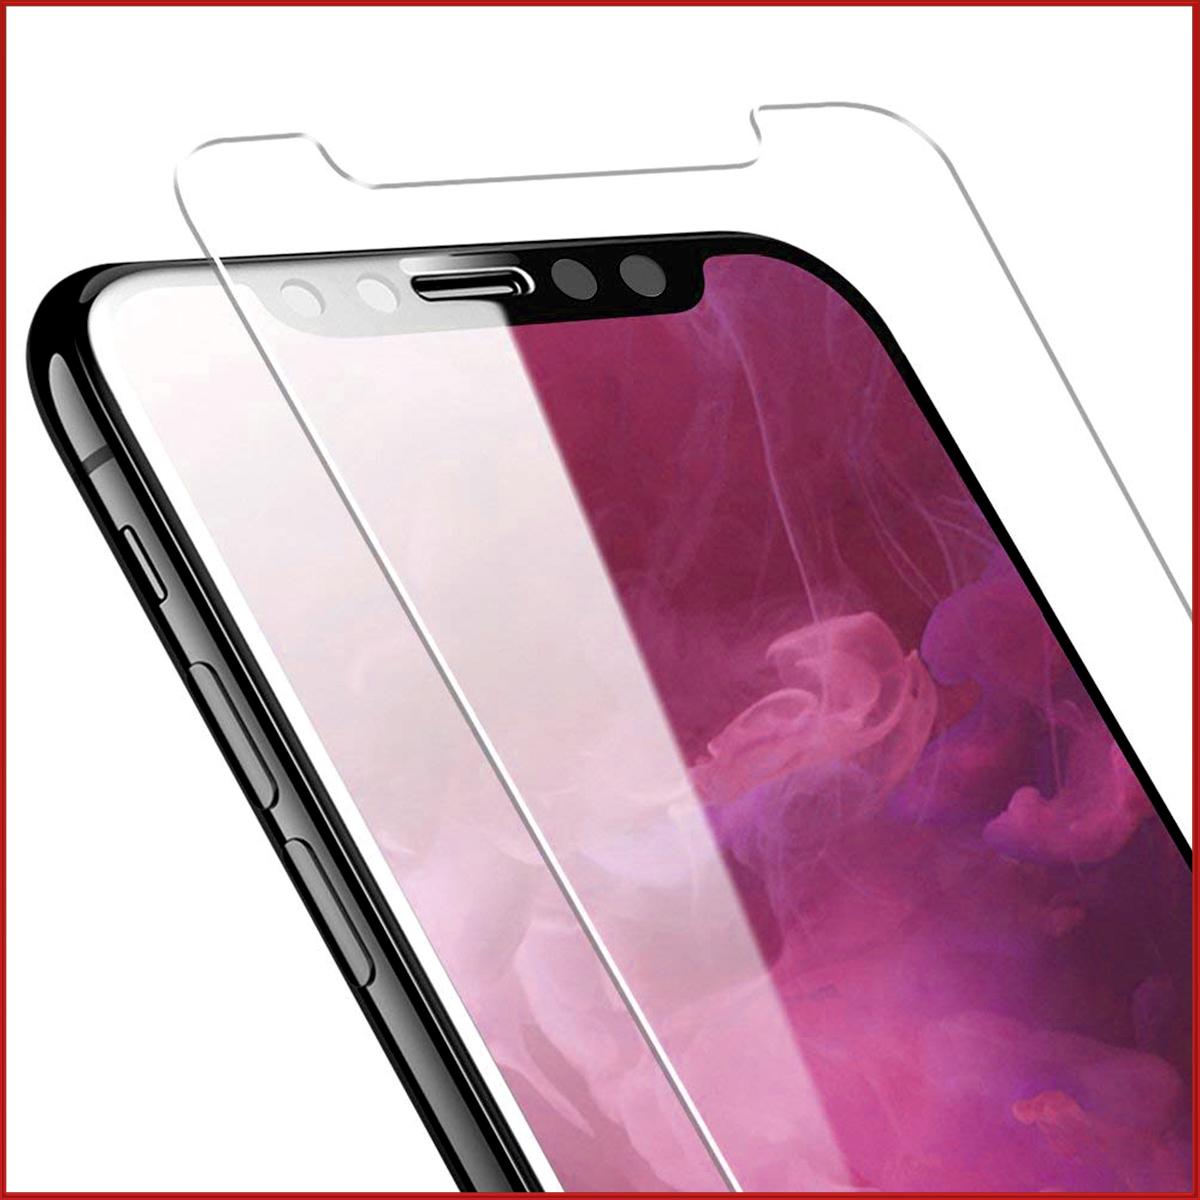 ガラスフィルム 2枚セット iPhone X XS MAX XR 8 7 Plus 強化ガラス 3D Touch対応 透過率99% 硬度9H 極薄 指紋防止 防汚れ 耐衝撃 飛散防止 保護フィルム SDM便送料無料 1ヶ月保証 K&M